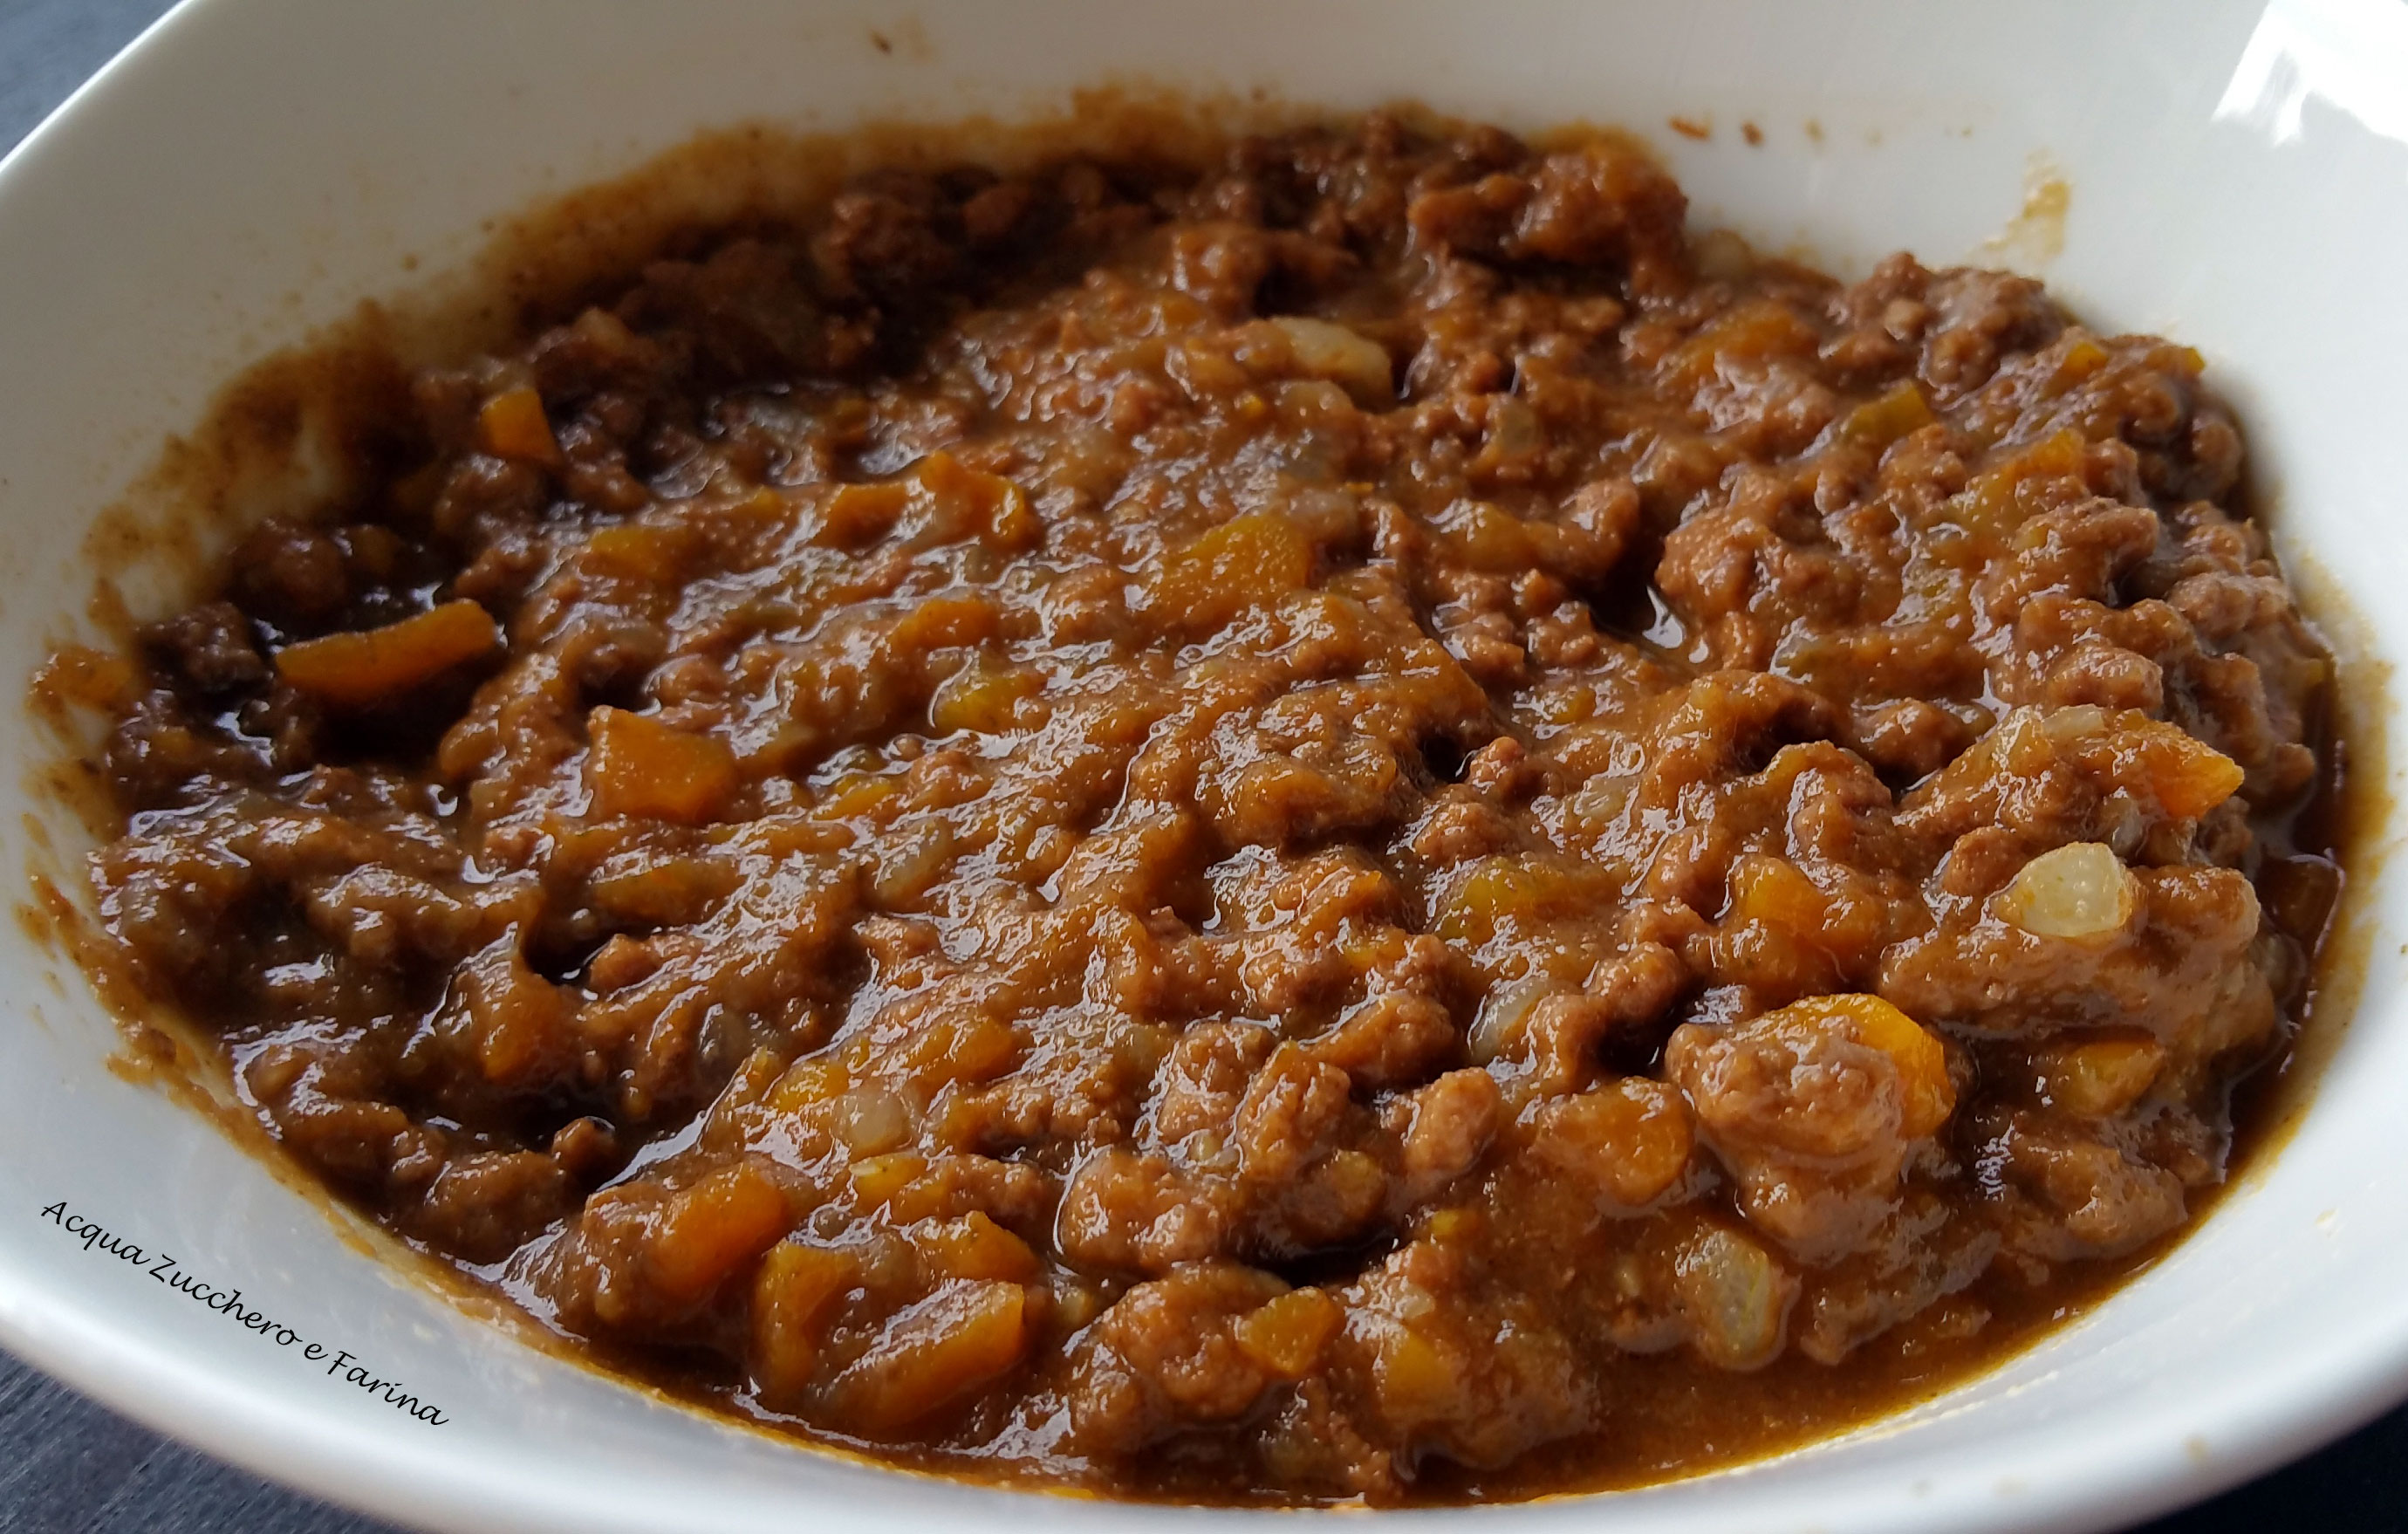 Ricetta Ragu Kenwood.Ragu Semplice Preparazione Con Il Cooking Chef Acqua Zucchero E Farina